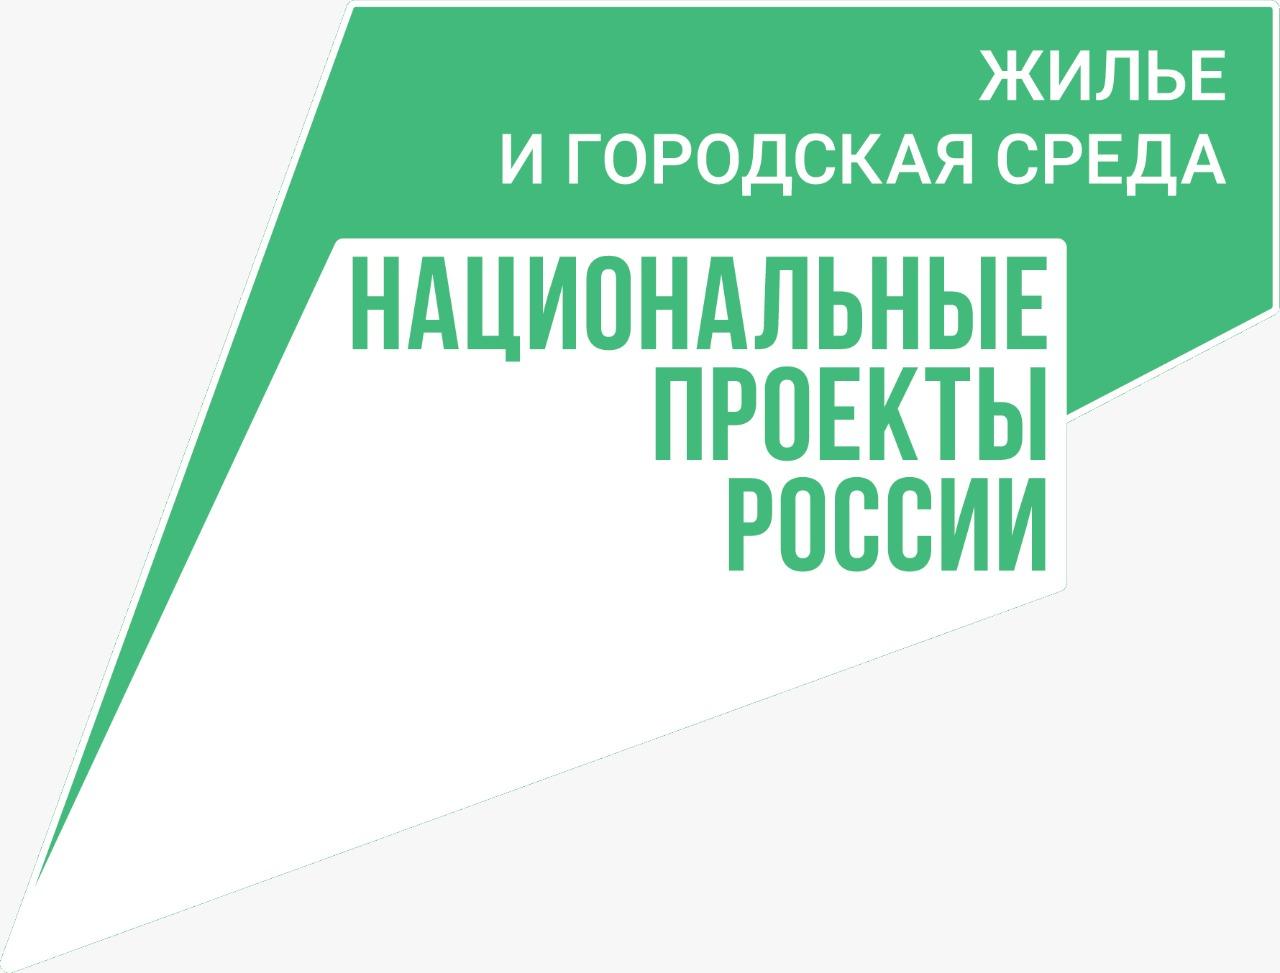 В Якутии идет поэтапное расселение из аварийного жилья